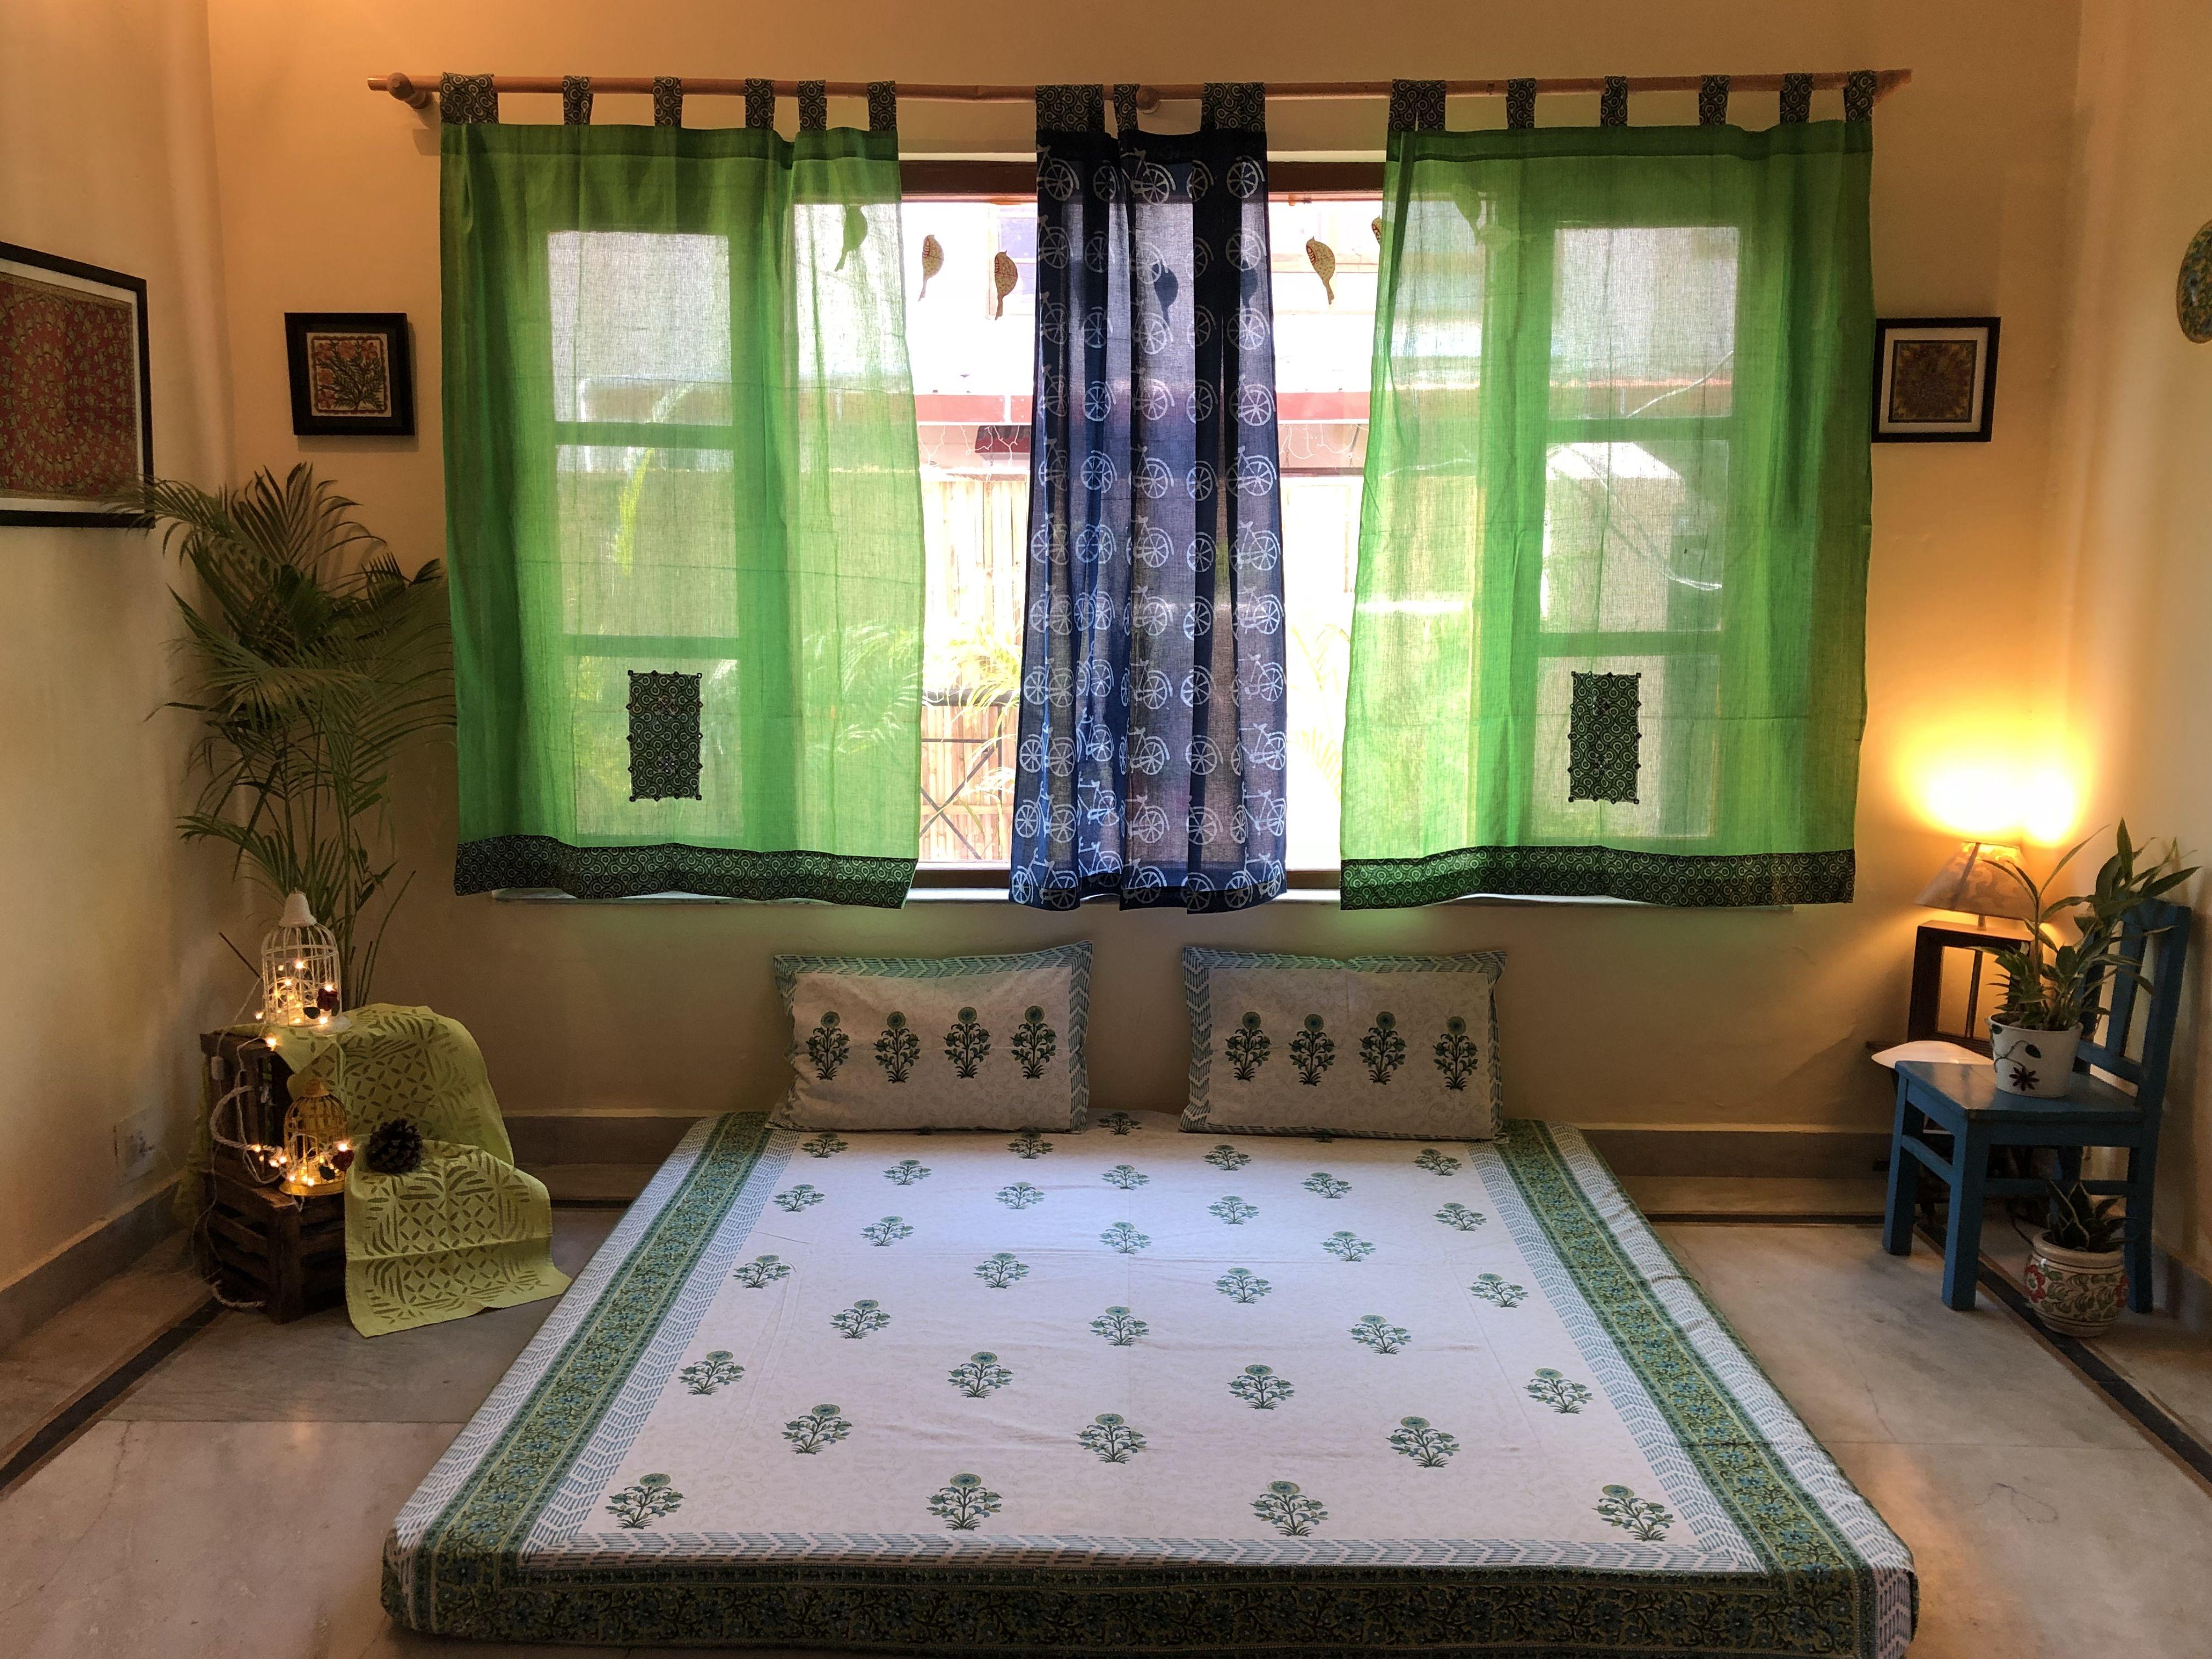 My Floor Bed Indian Bedroom Decor Indian Room Decor Home Decor Bedroom